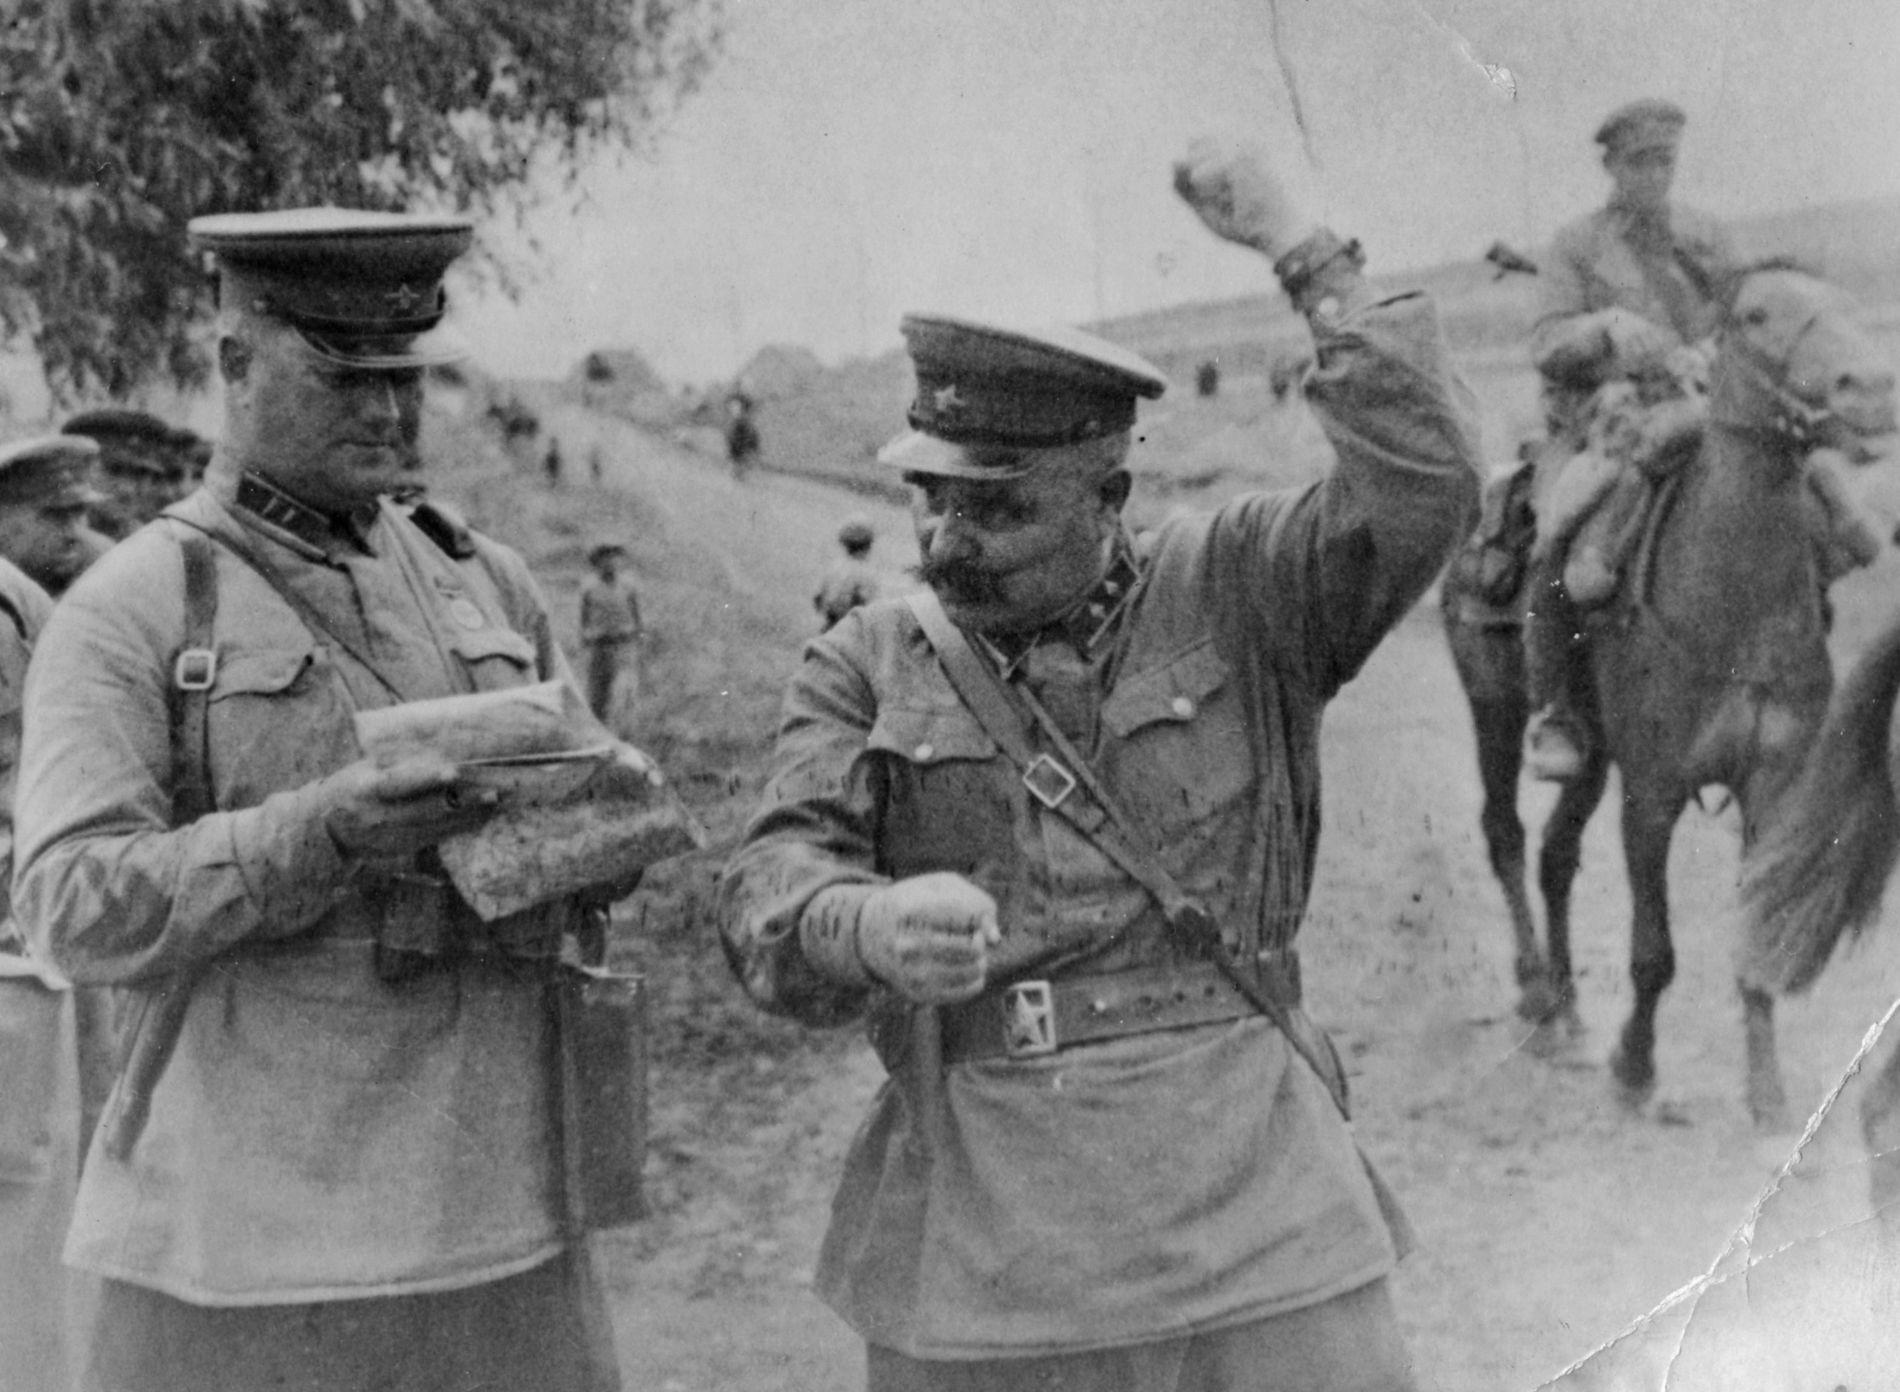 В центре — командир 72-й кавалерийской дивизии генерал-майор В.И. Книга. Крым, весна 1942 года ©Фото с сайта waralbum.ru